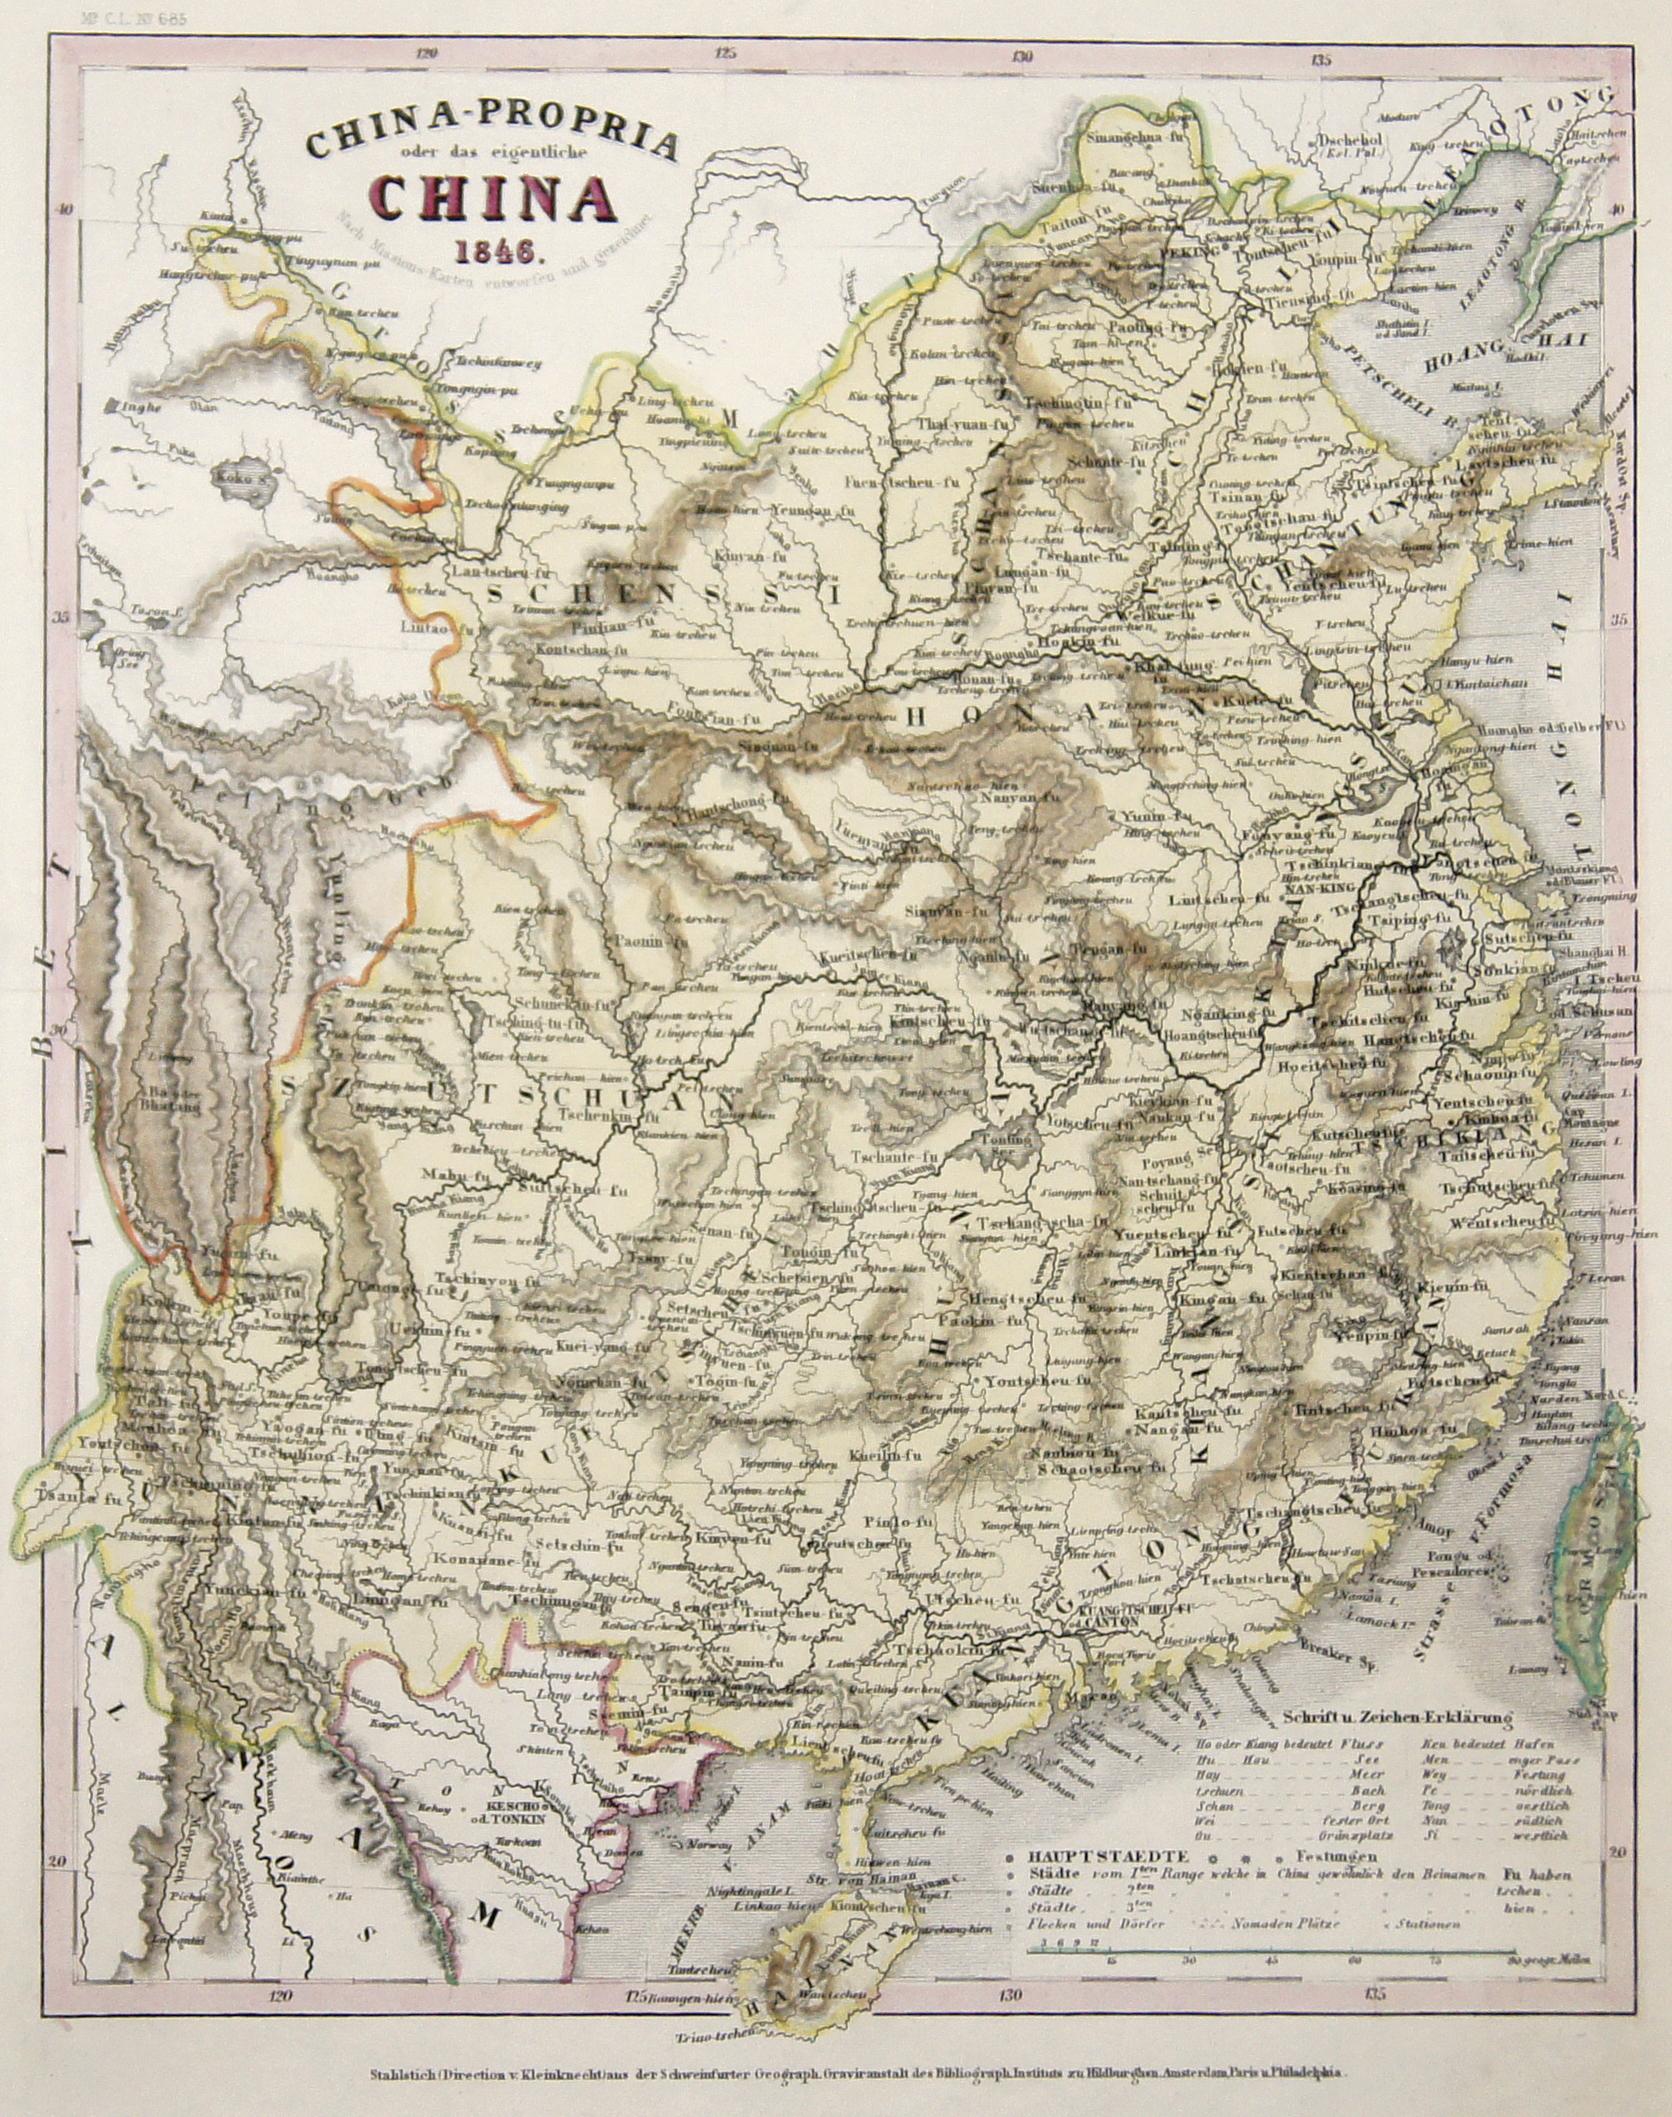 Kunstanstalt Hildburghausen  China-Propria oder das eigentliche China 1846.